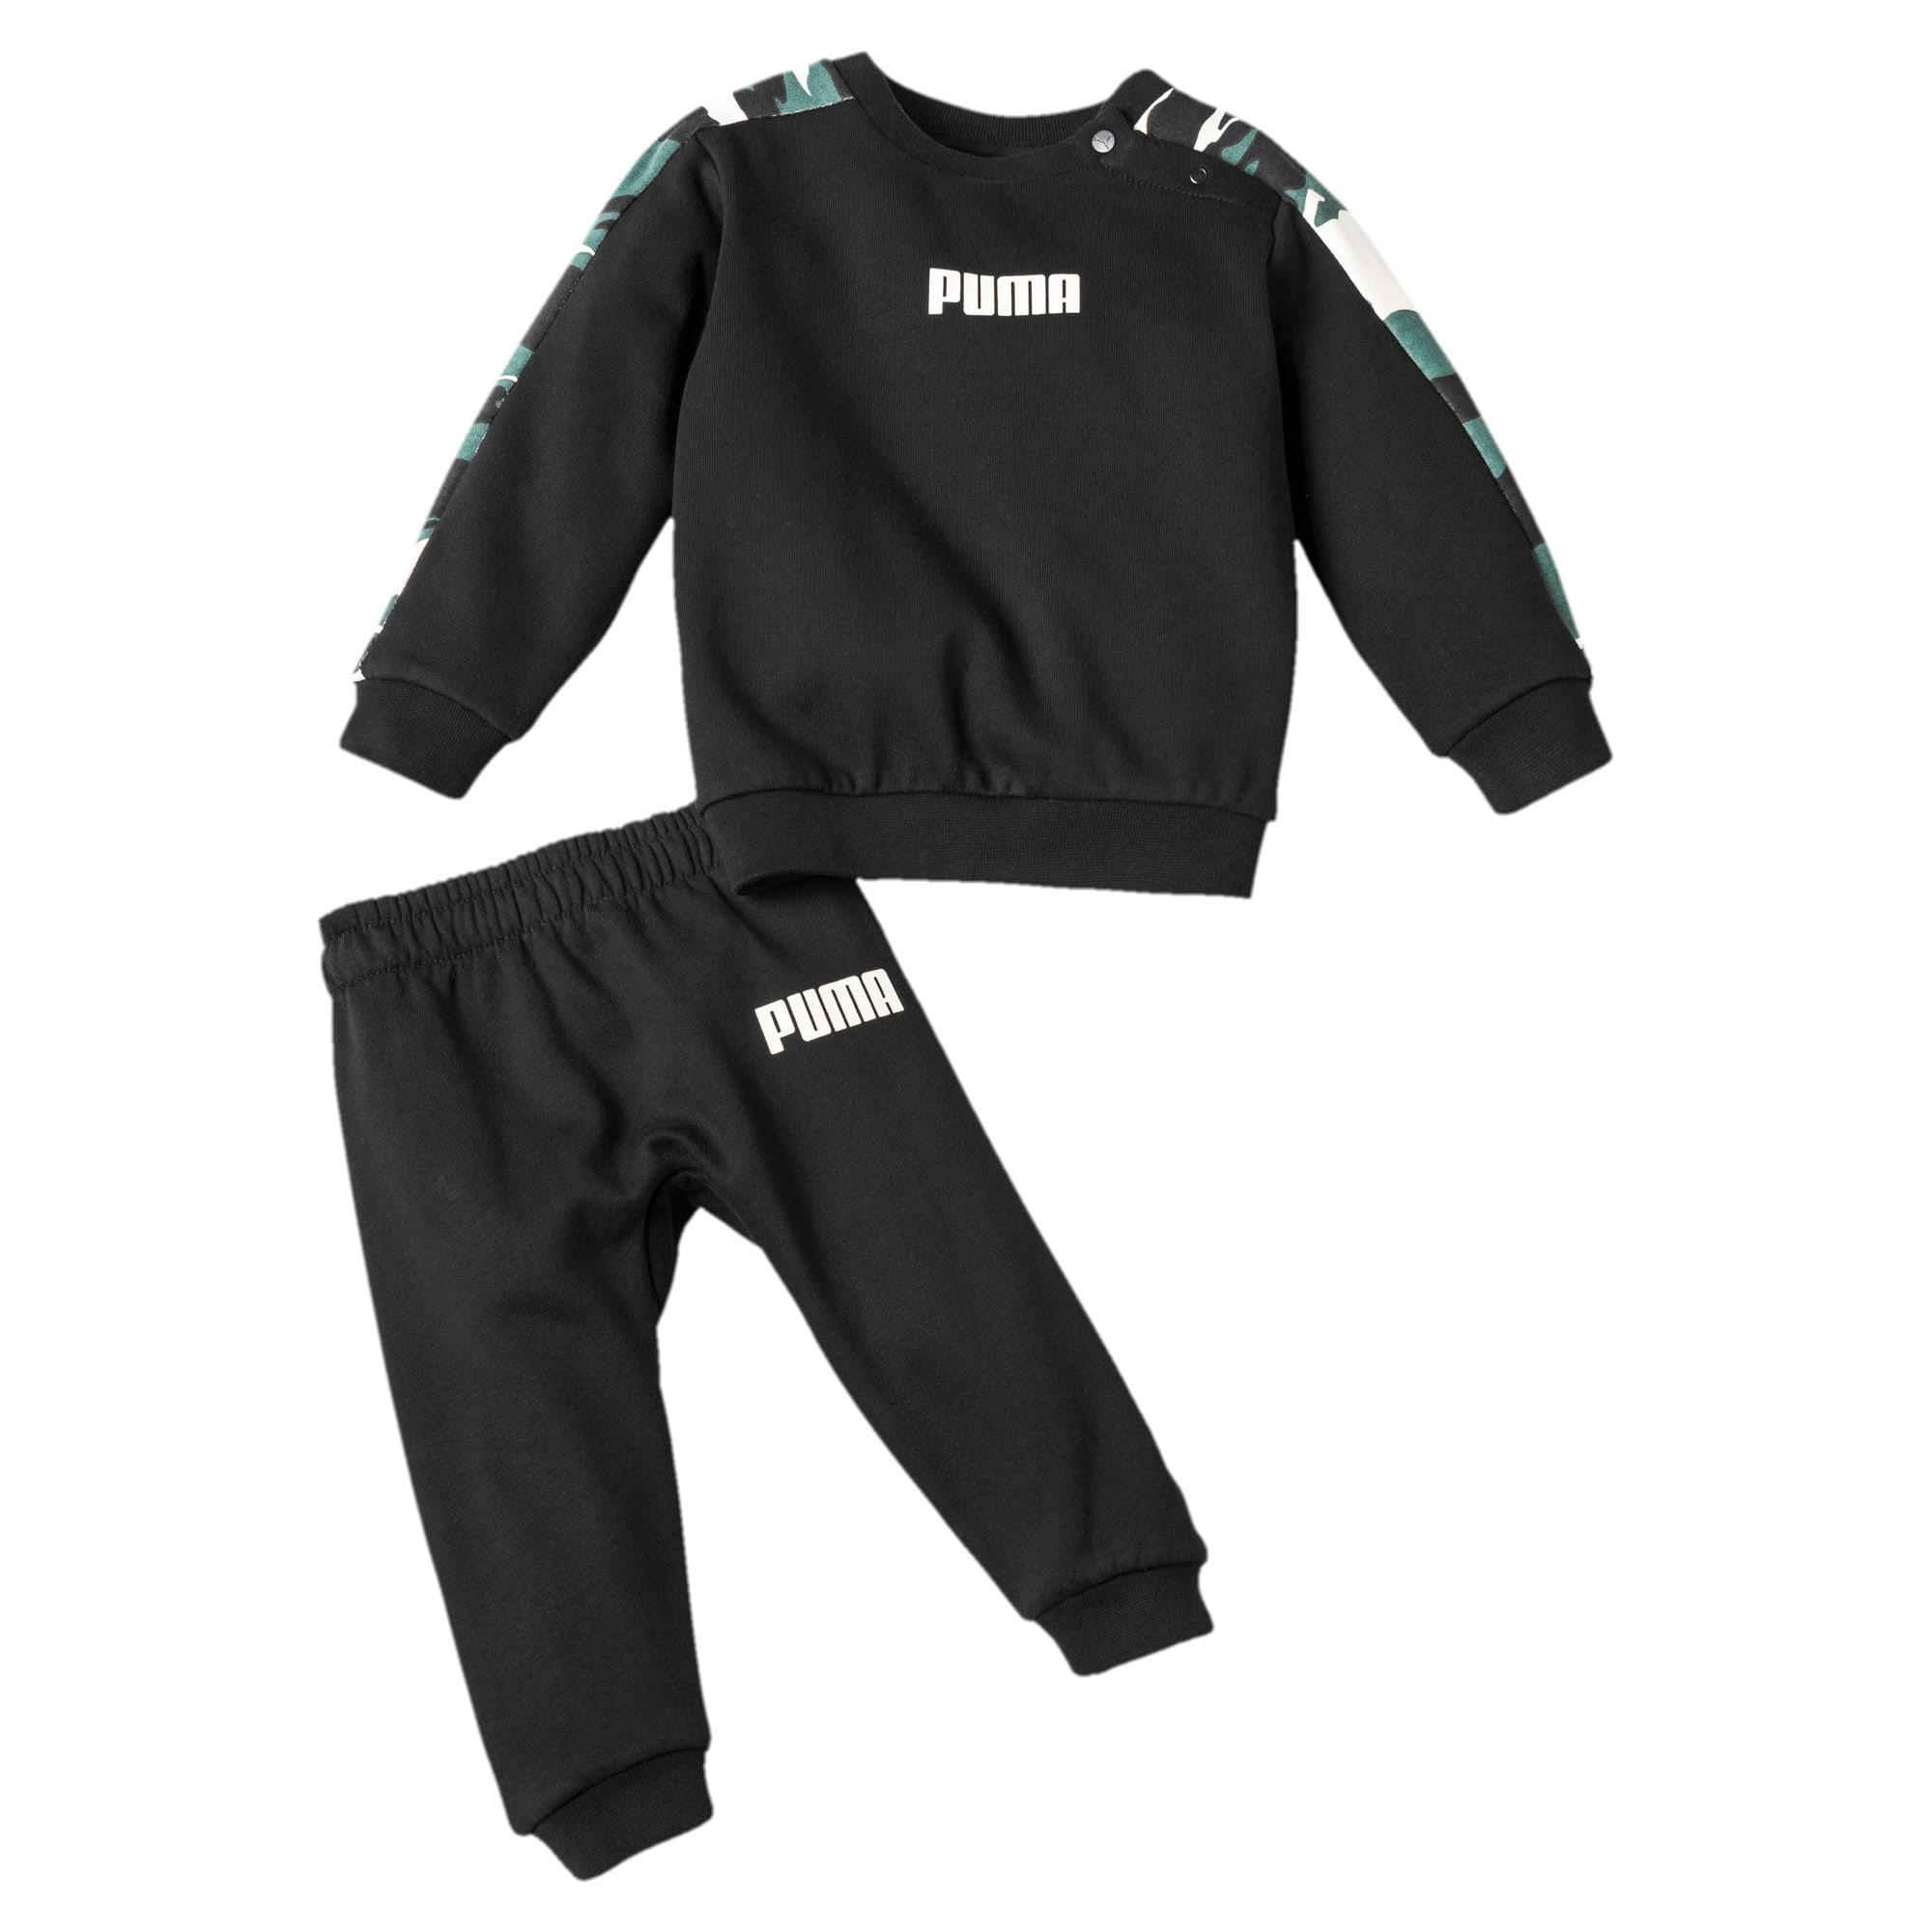 Street Wear T7 Babies' Jogger Set, Zwart, Maat 80 | PUMA